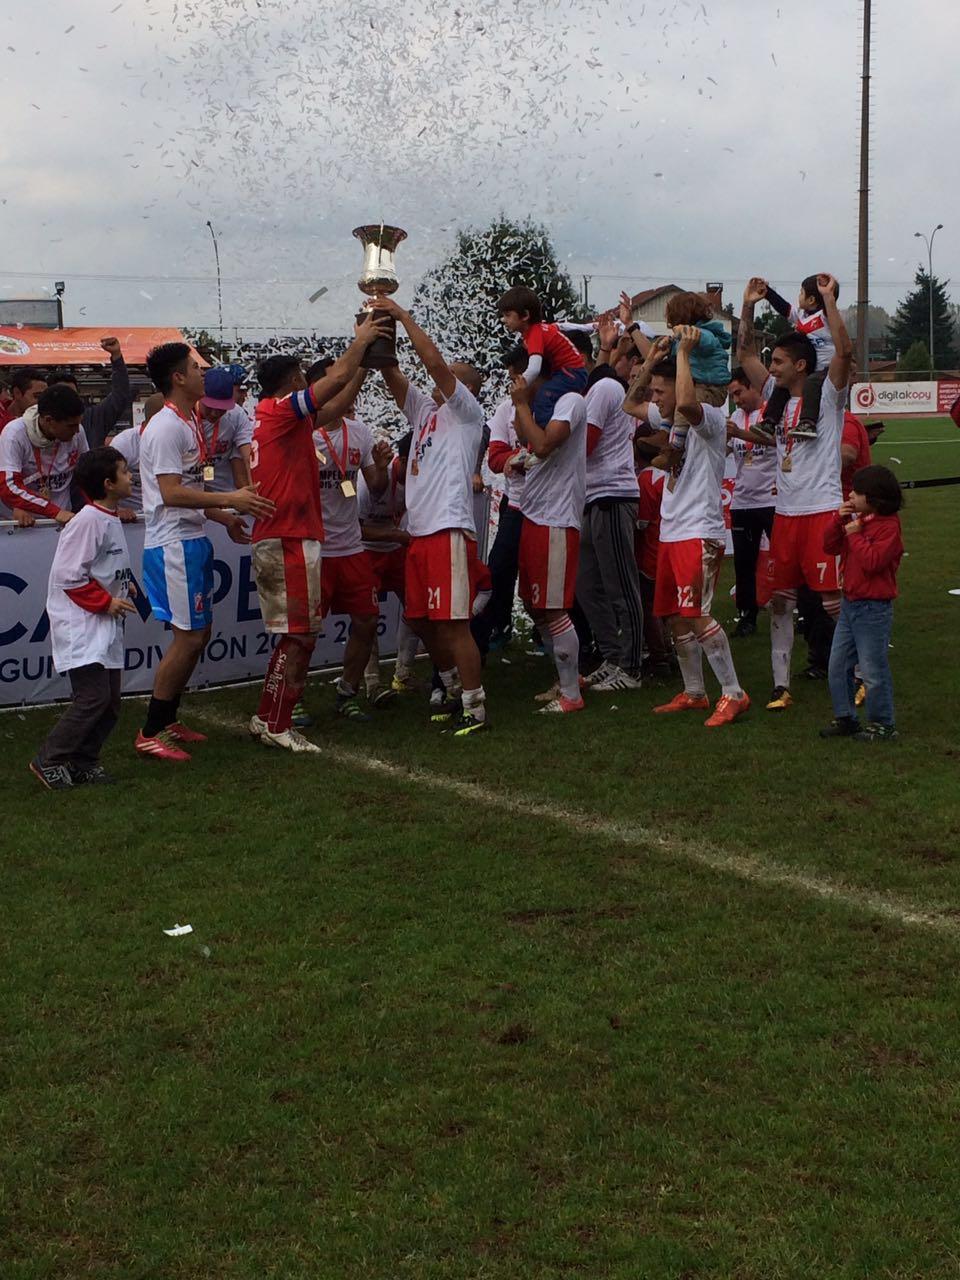 Deportes Valdivia regresa a Primera B con una contundente goleada